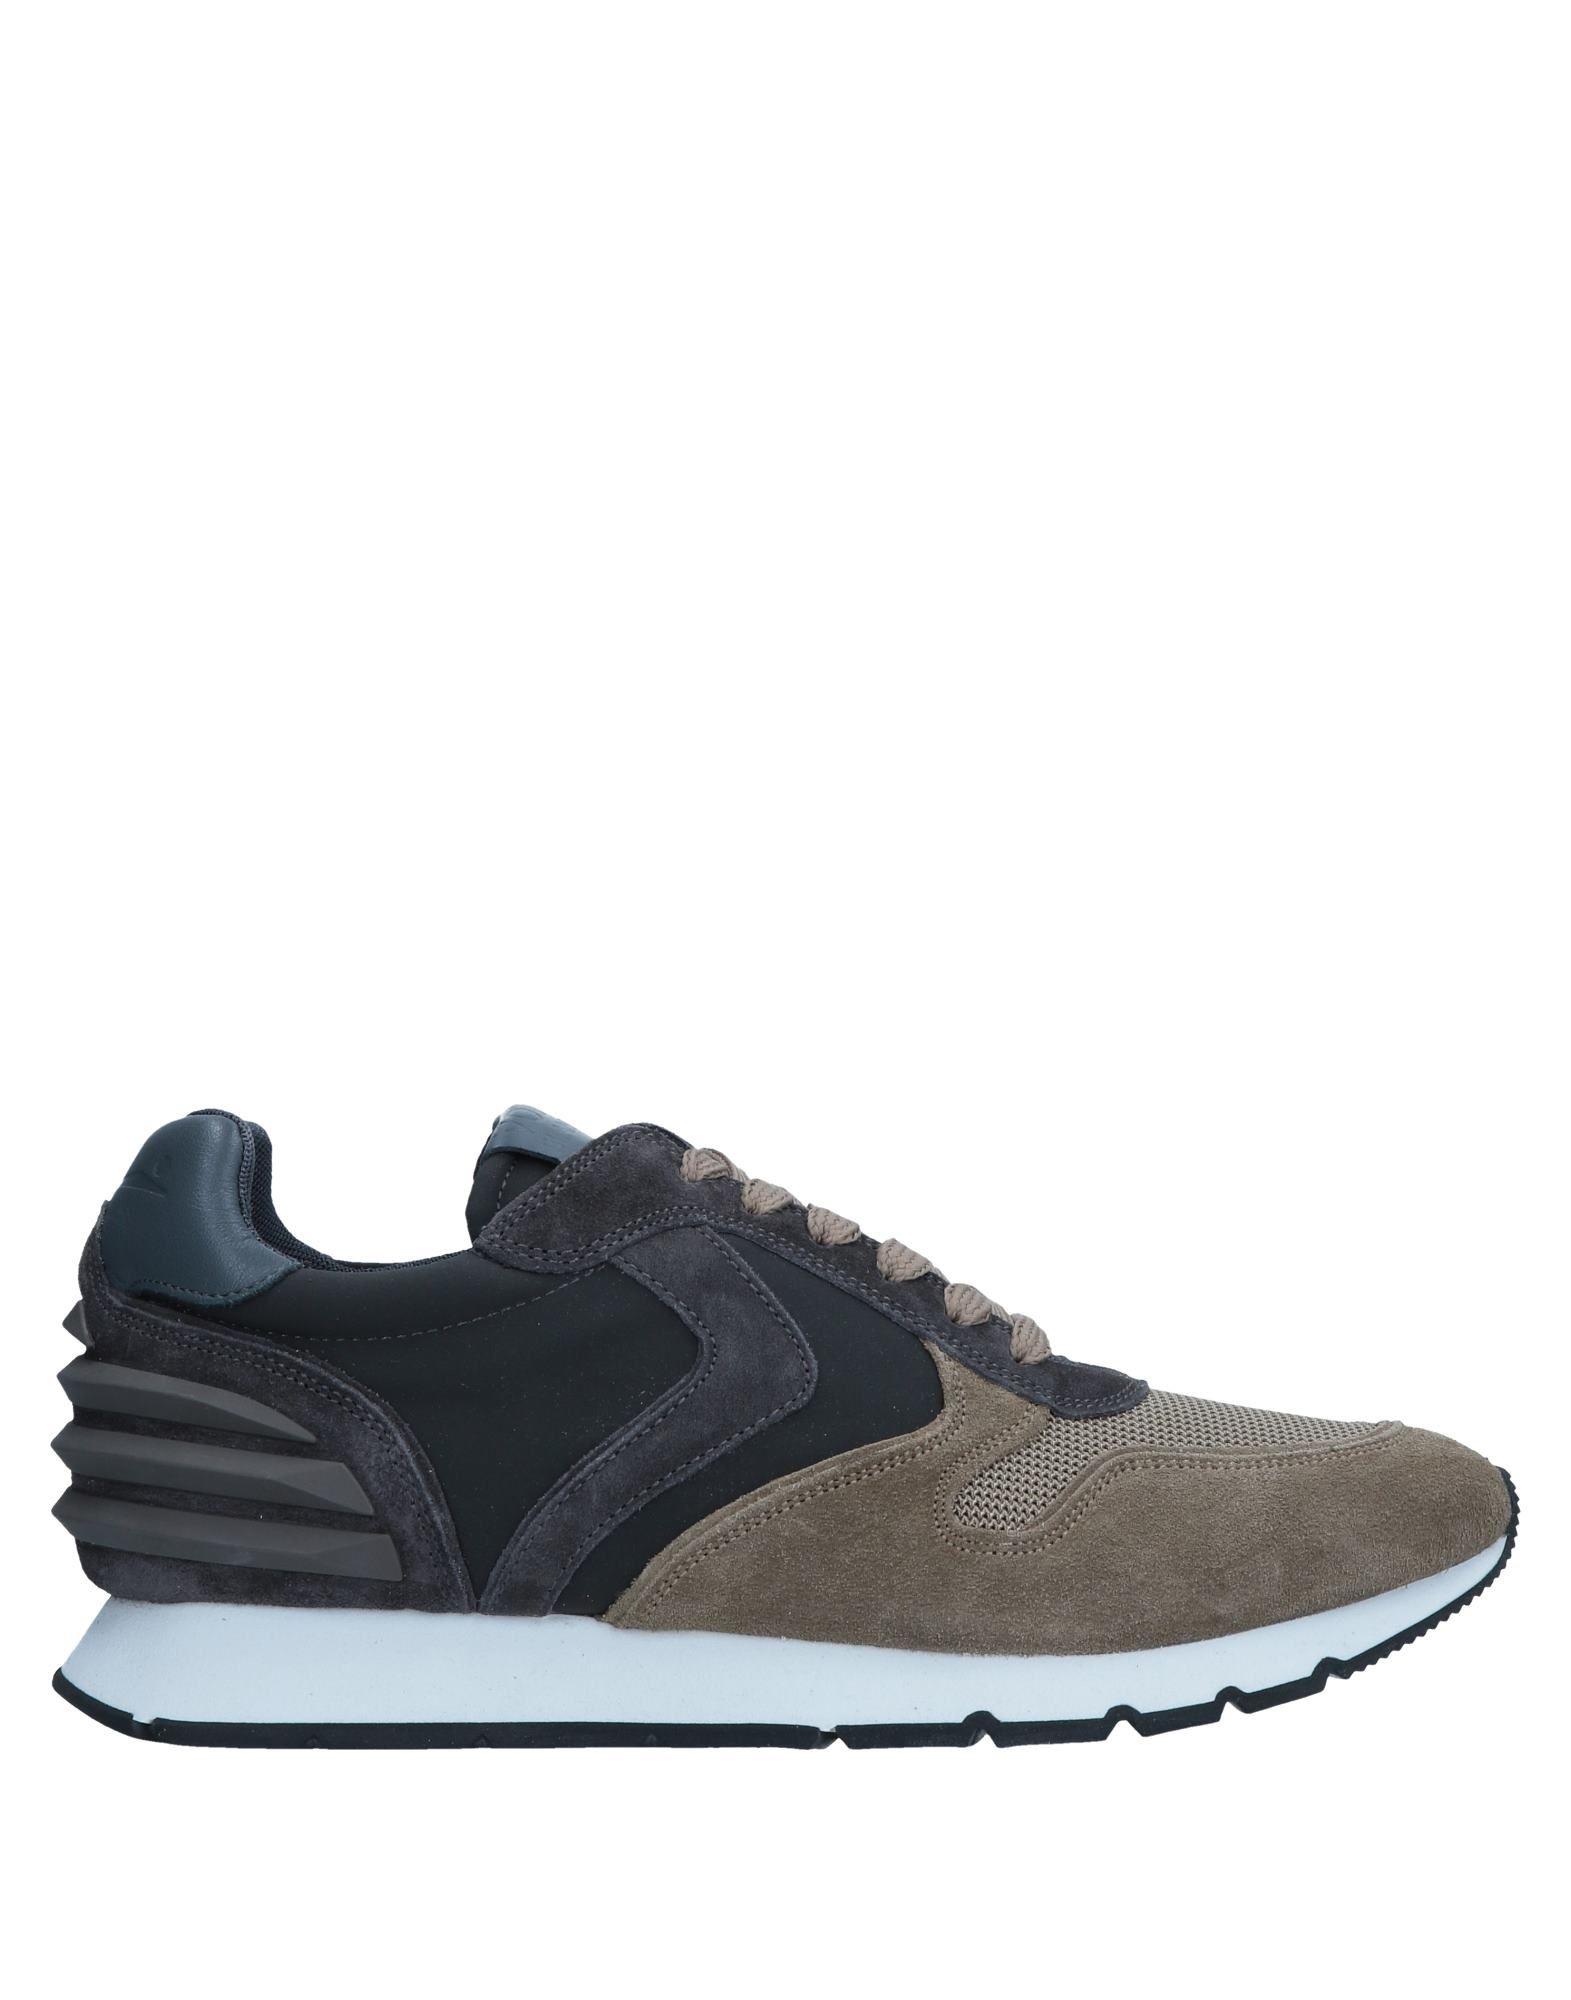 Voile Blanche Sneakers Herren  11545792VK Gute Qualität beliebte Schuhe